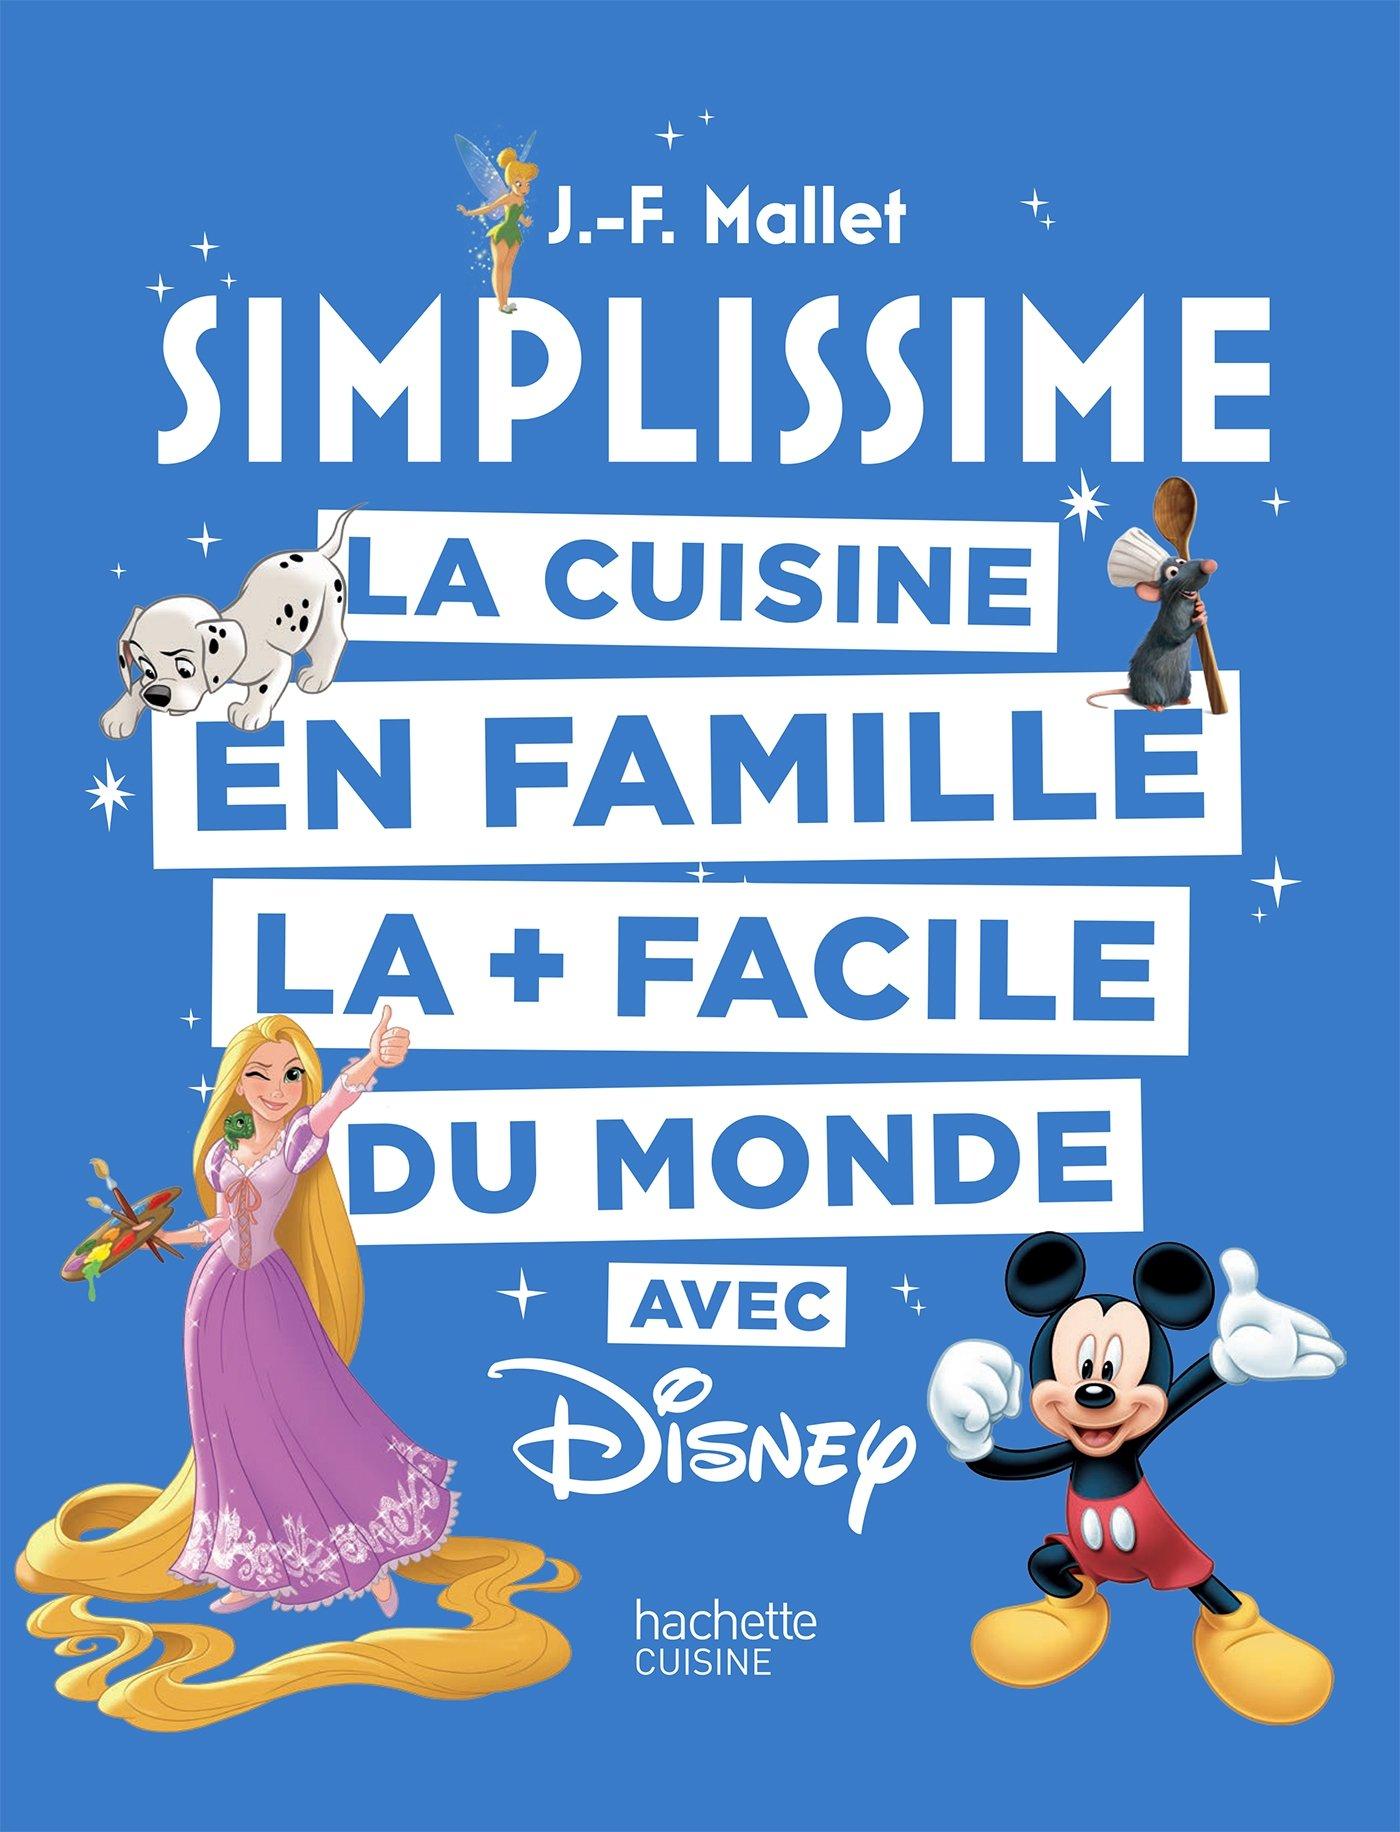 Amazon Fr Simplissime Disney La Cuisine En Famille La Facile Du Monde Mallet Jean Francois Livres